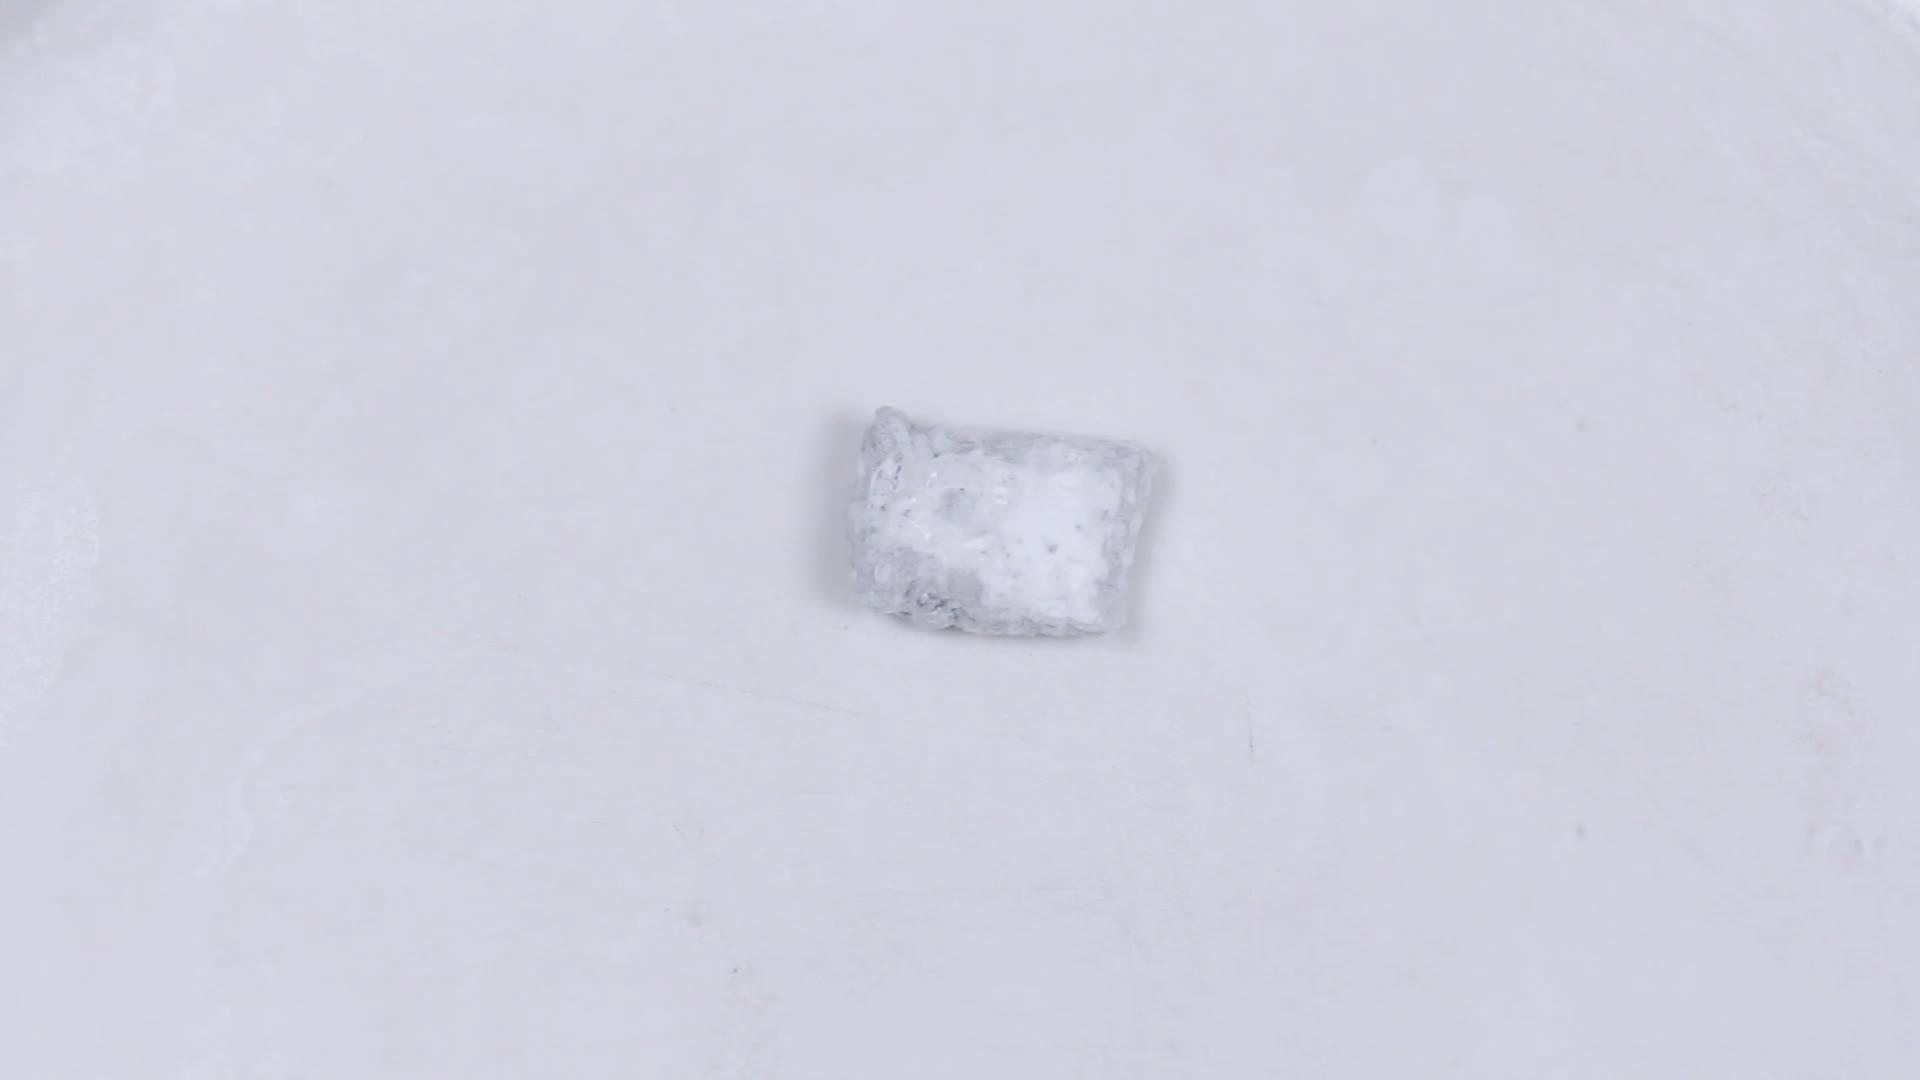 【限时折扣】3.1 钠在空气中燃烧-【火花学院】人教版必修一高一化学 第三章 金属及其化合物 第一节 金属的化学性质 [来自e网通客户端]